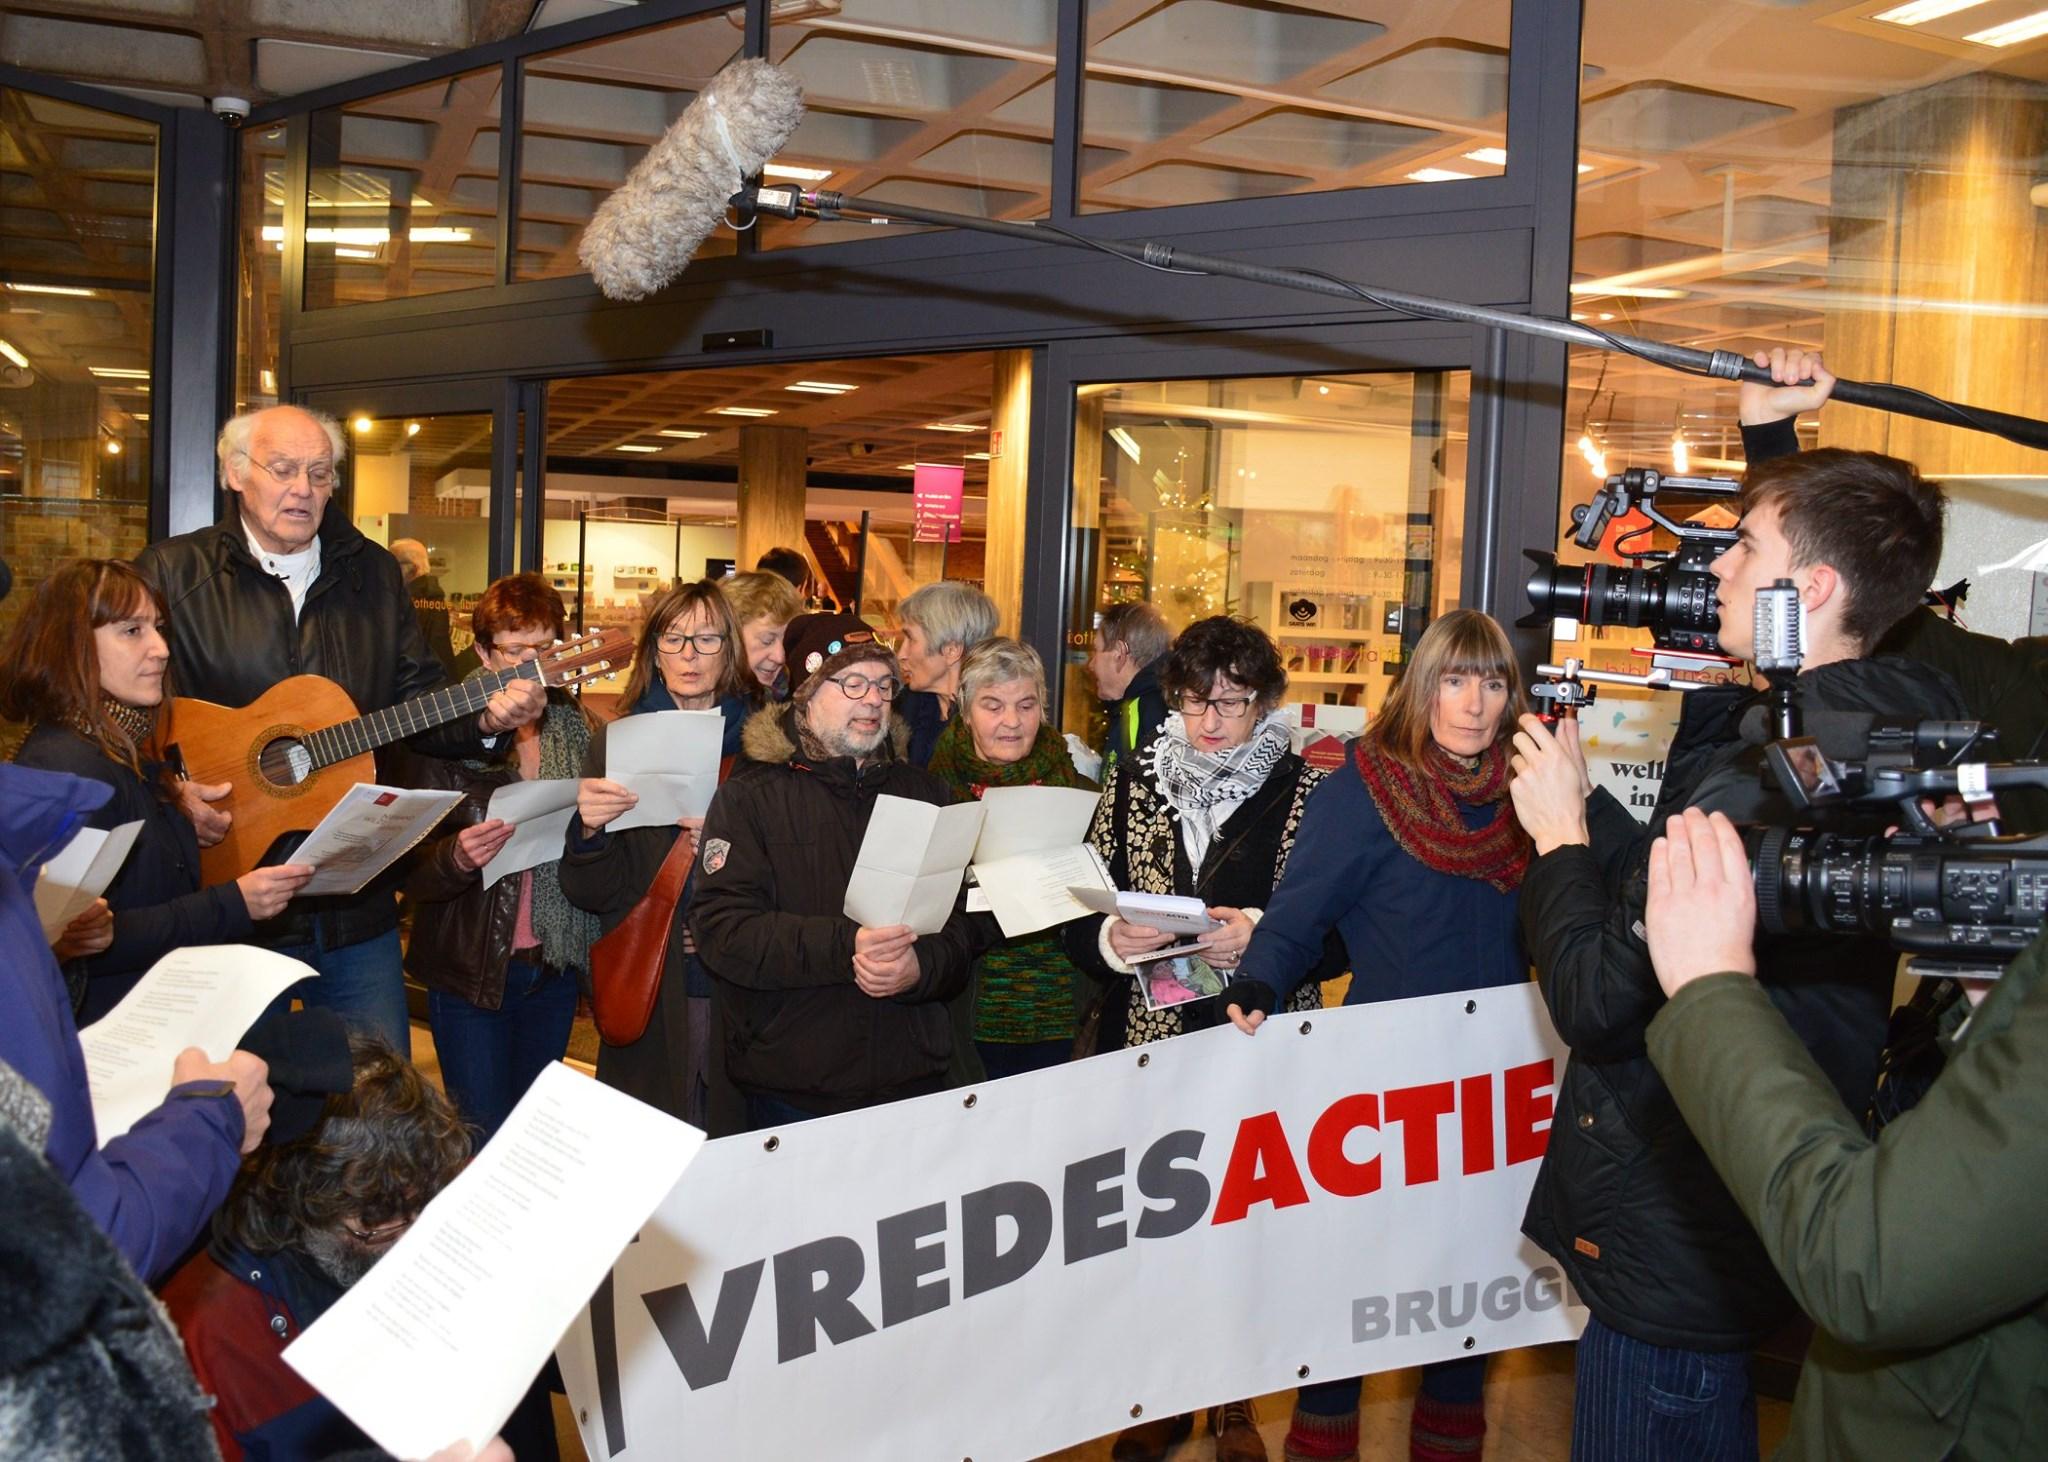 Vredesactie houdt herdenking voor verdronken vluchteling